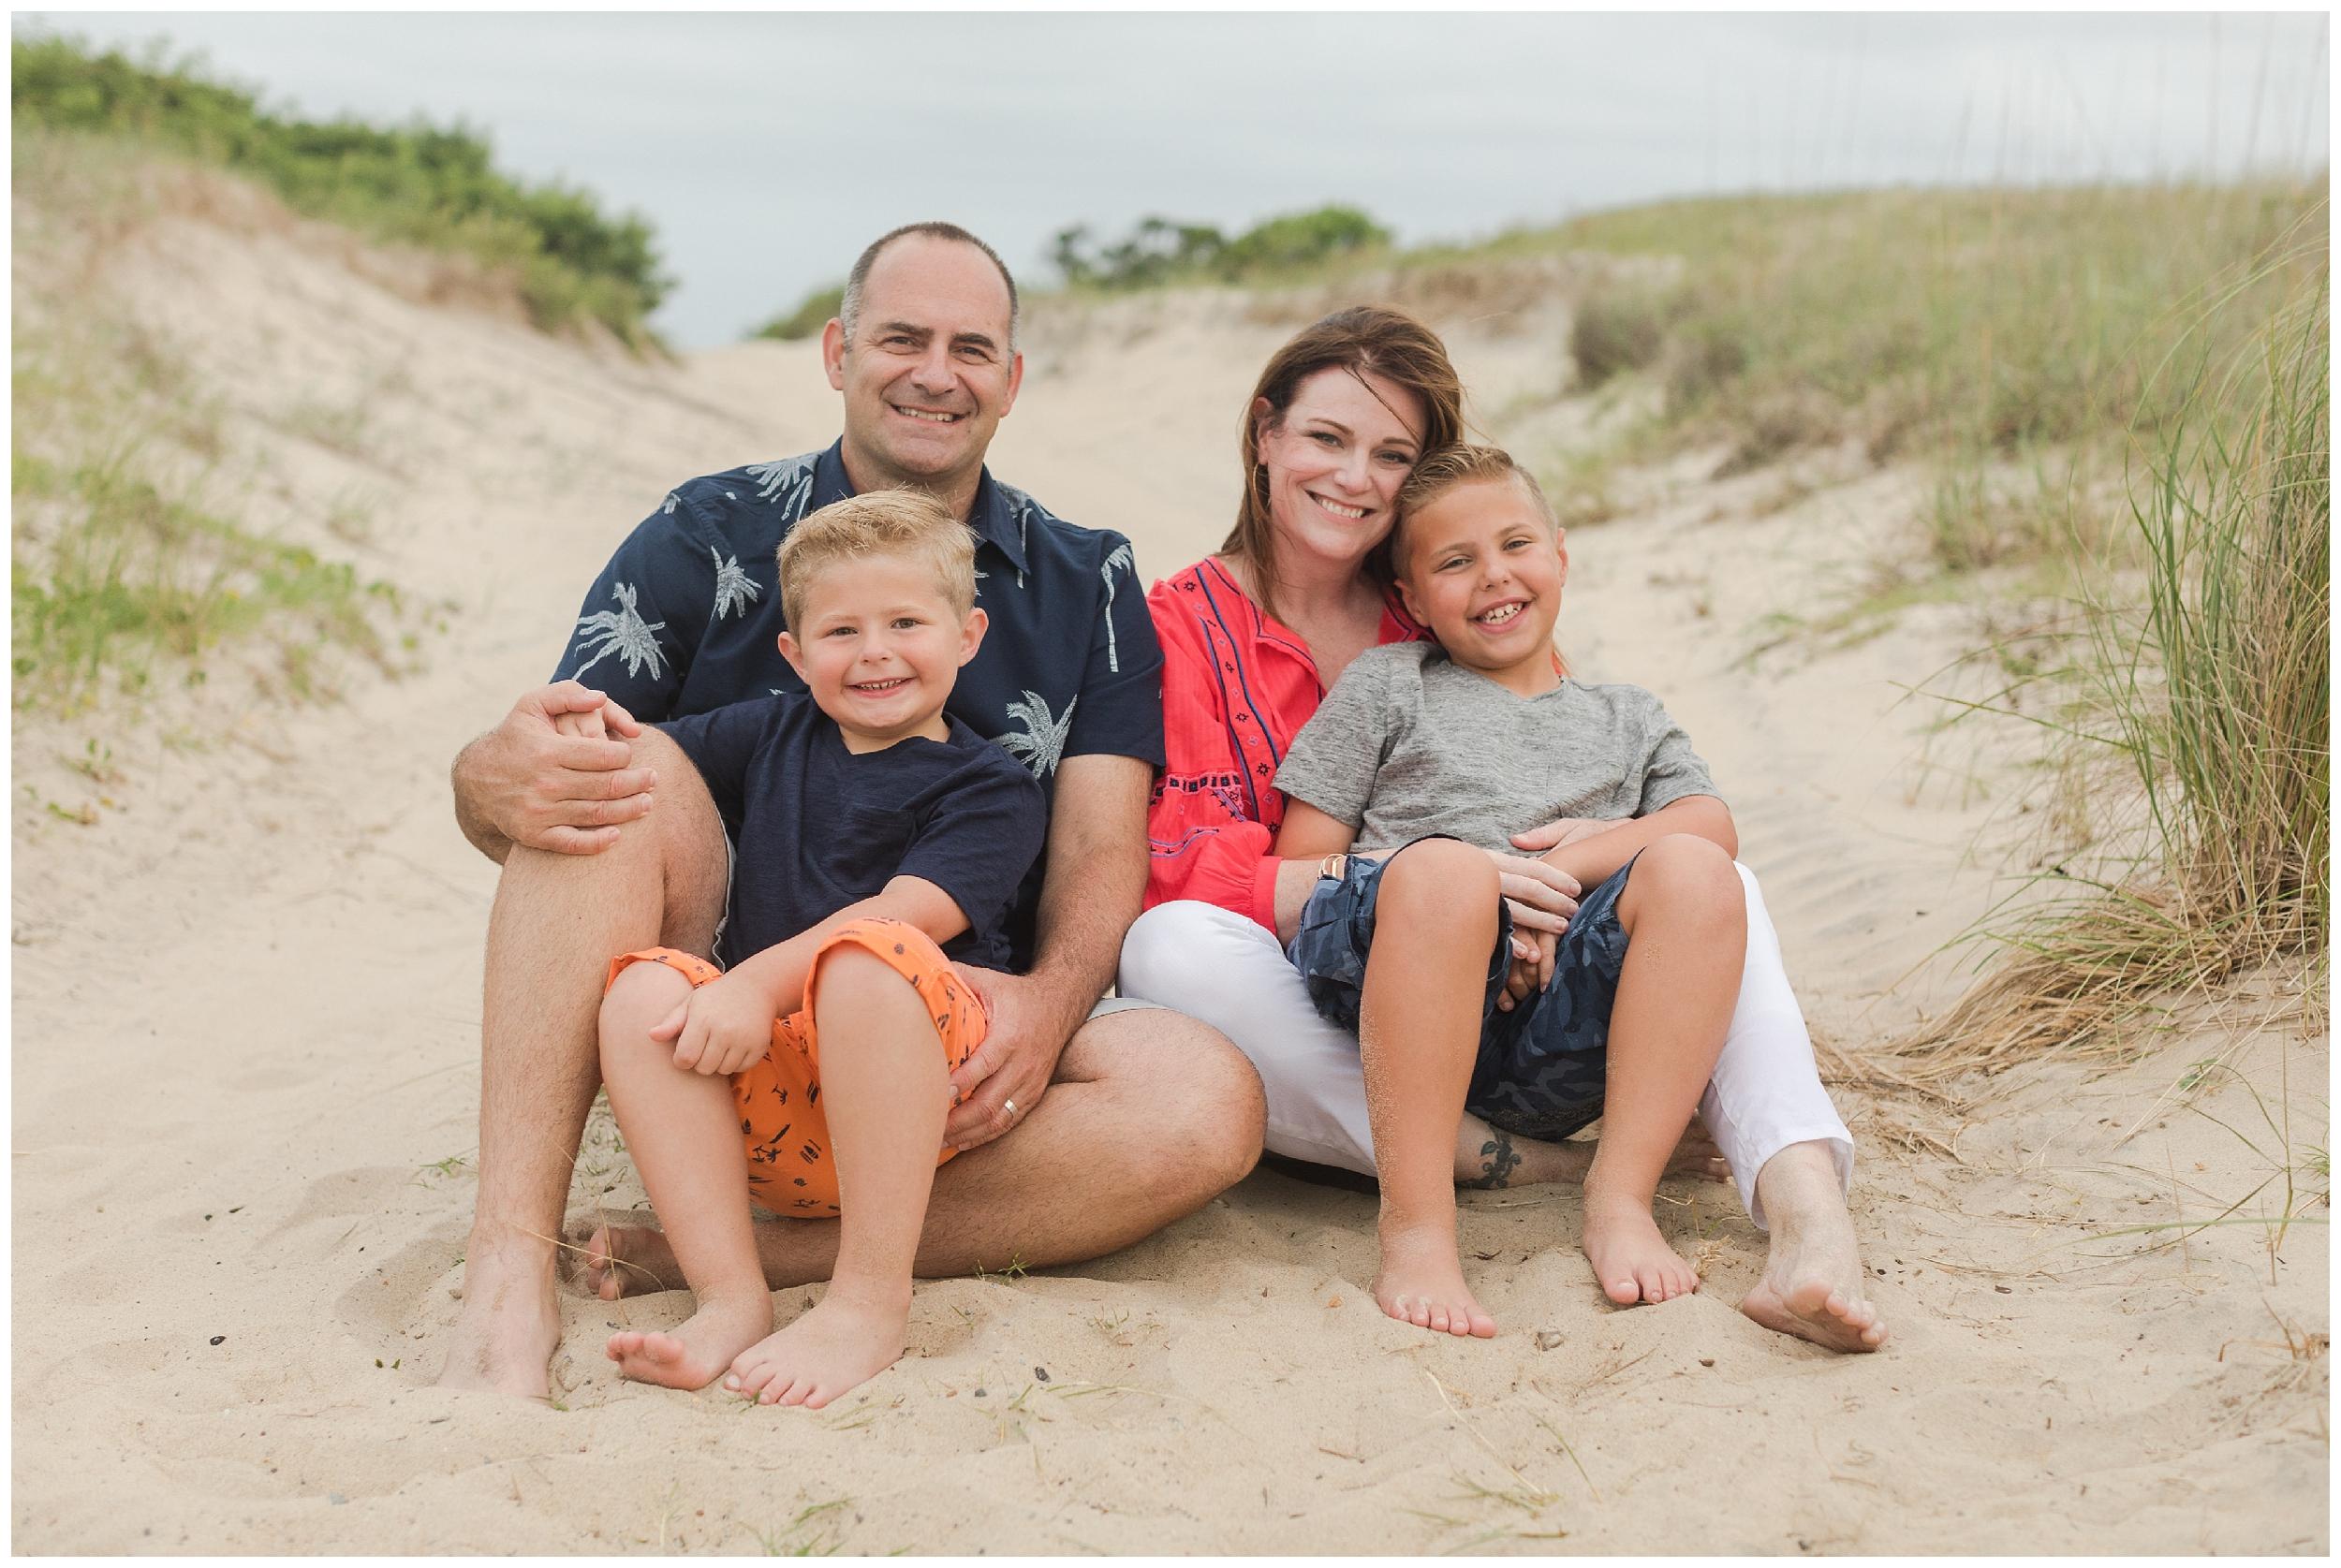 sandbridge family photography by elovephotos_0012.jpg